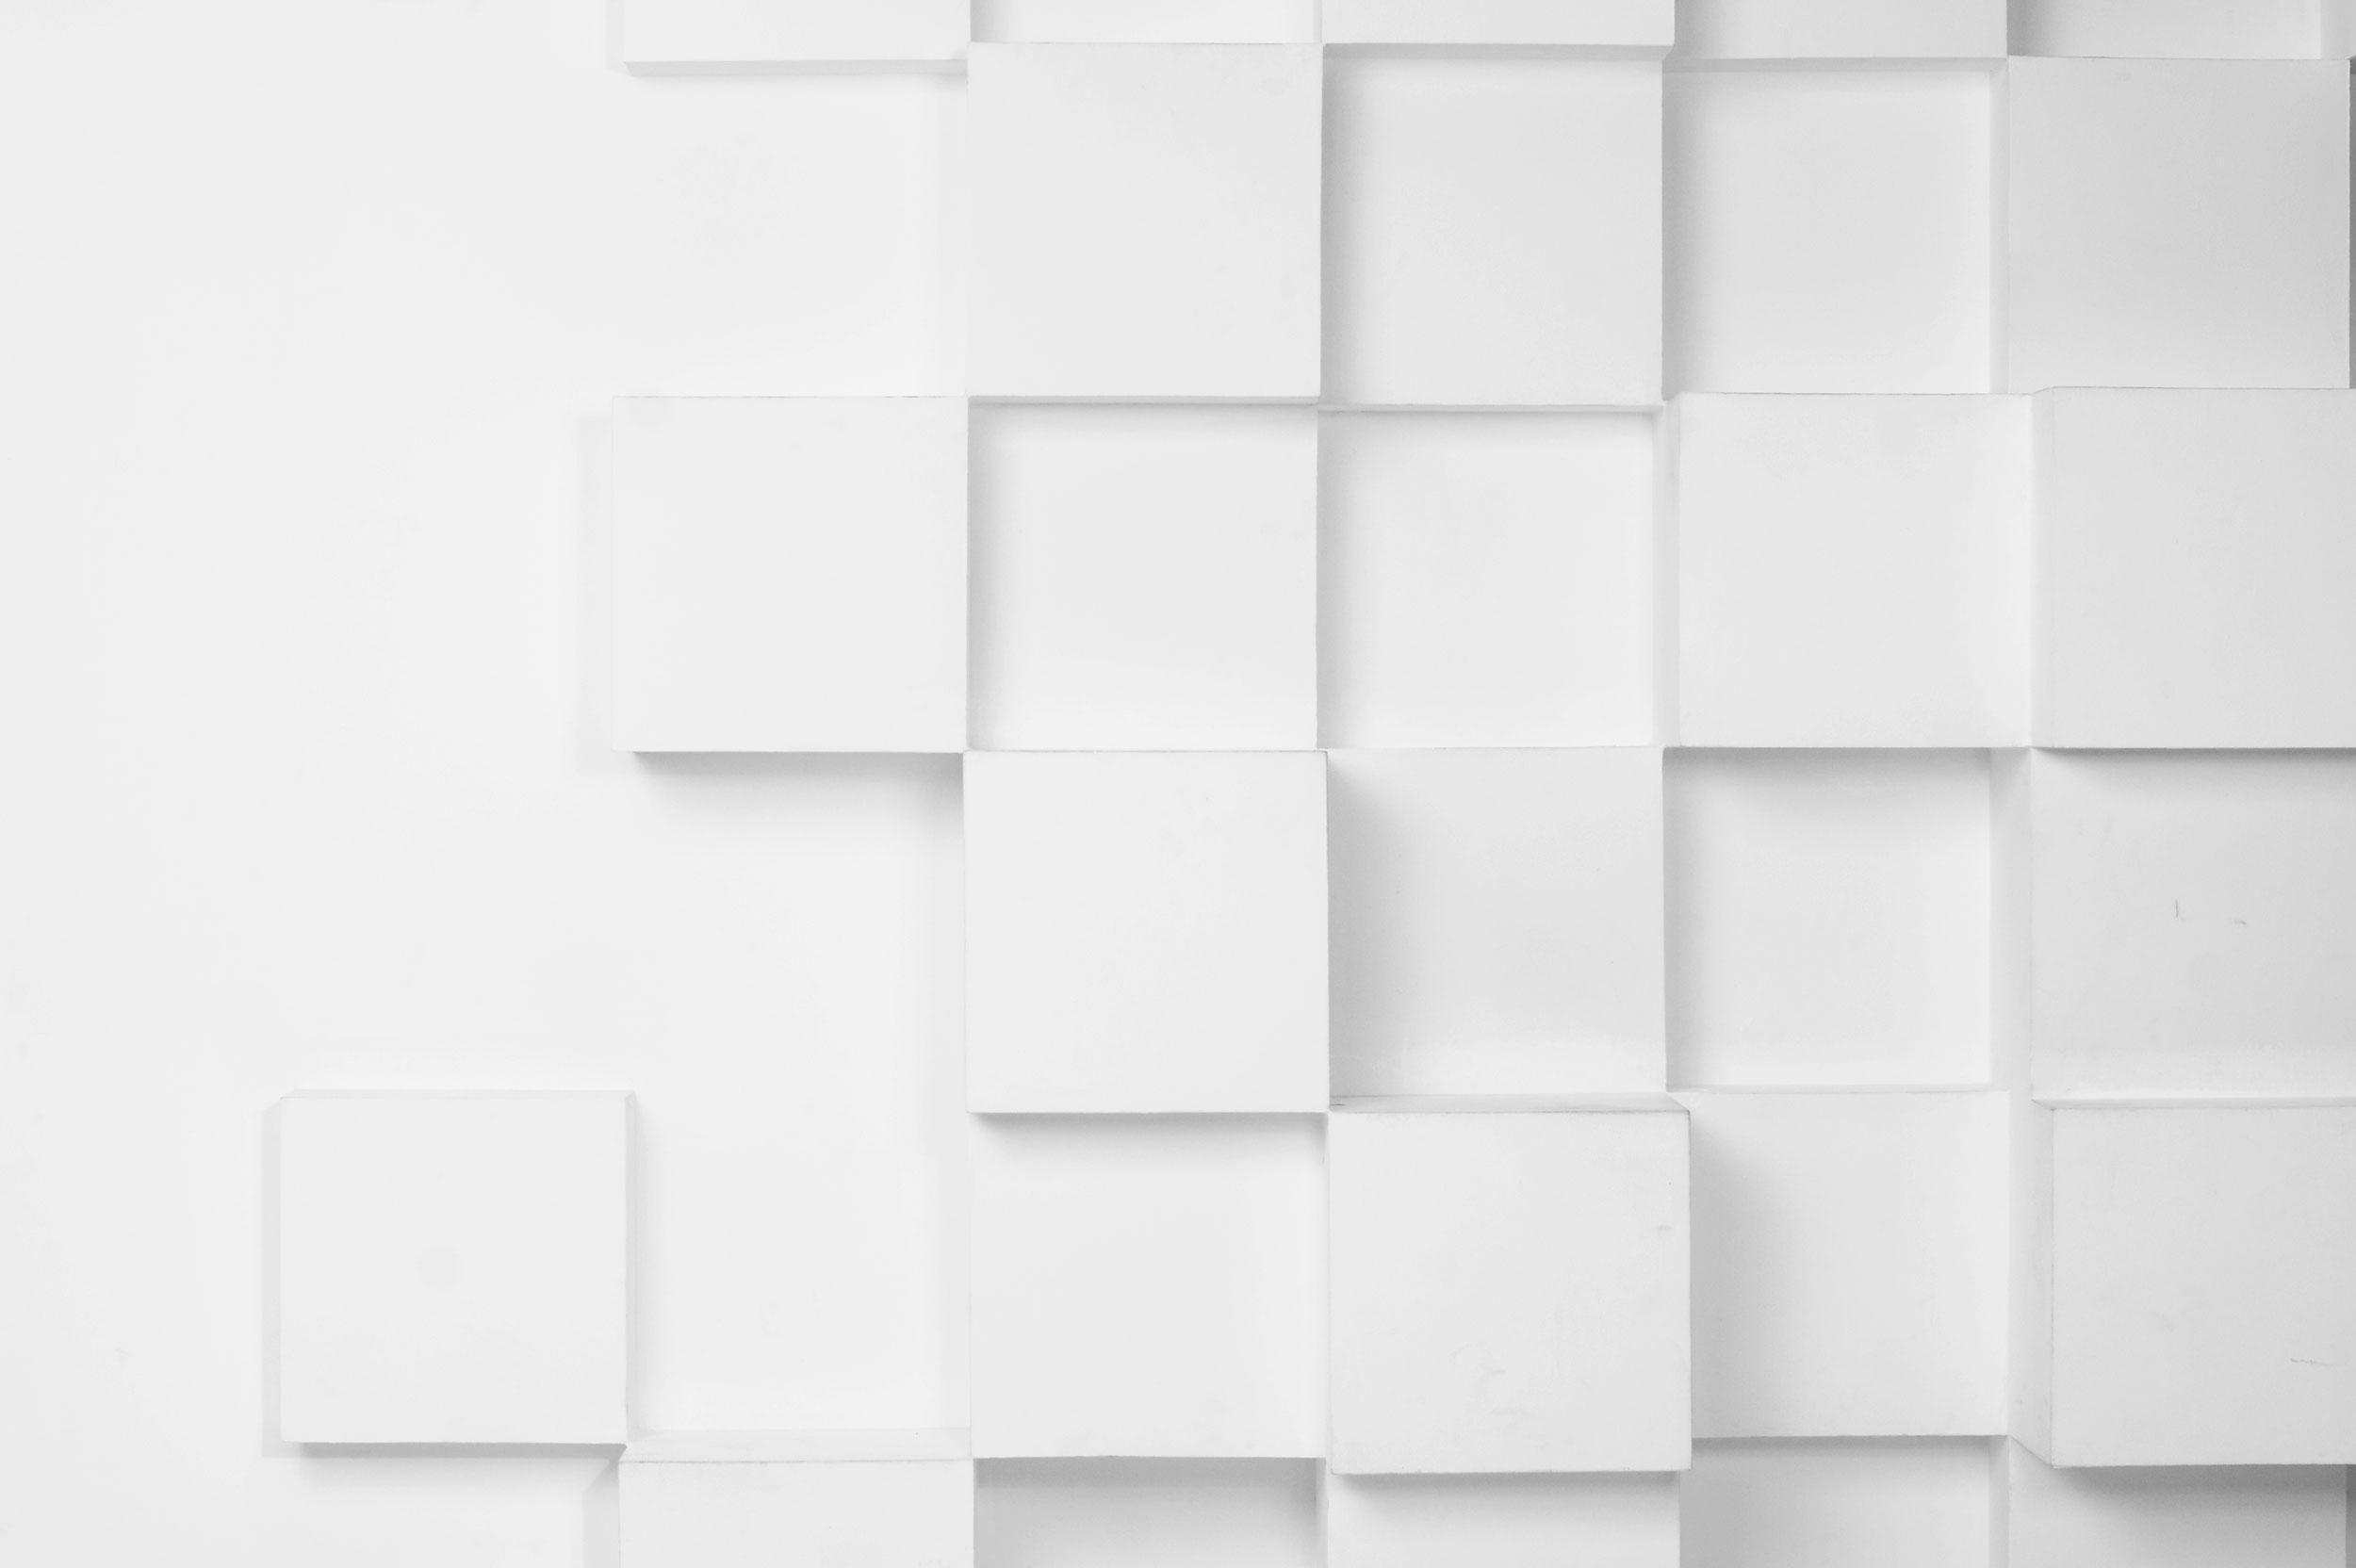 bkg white squares - Accueil